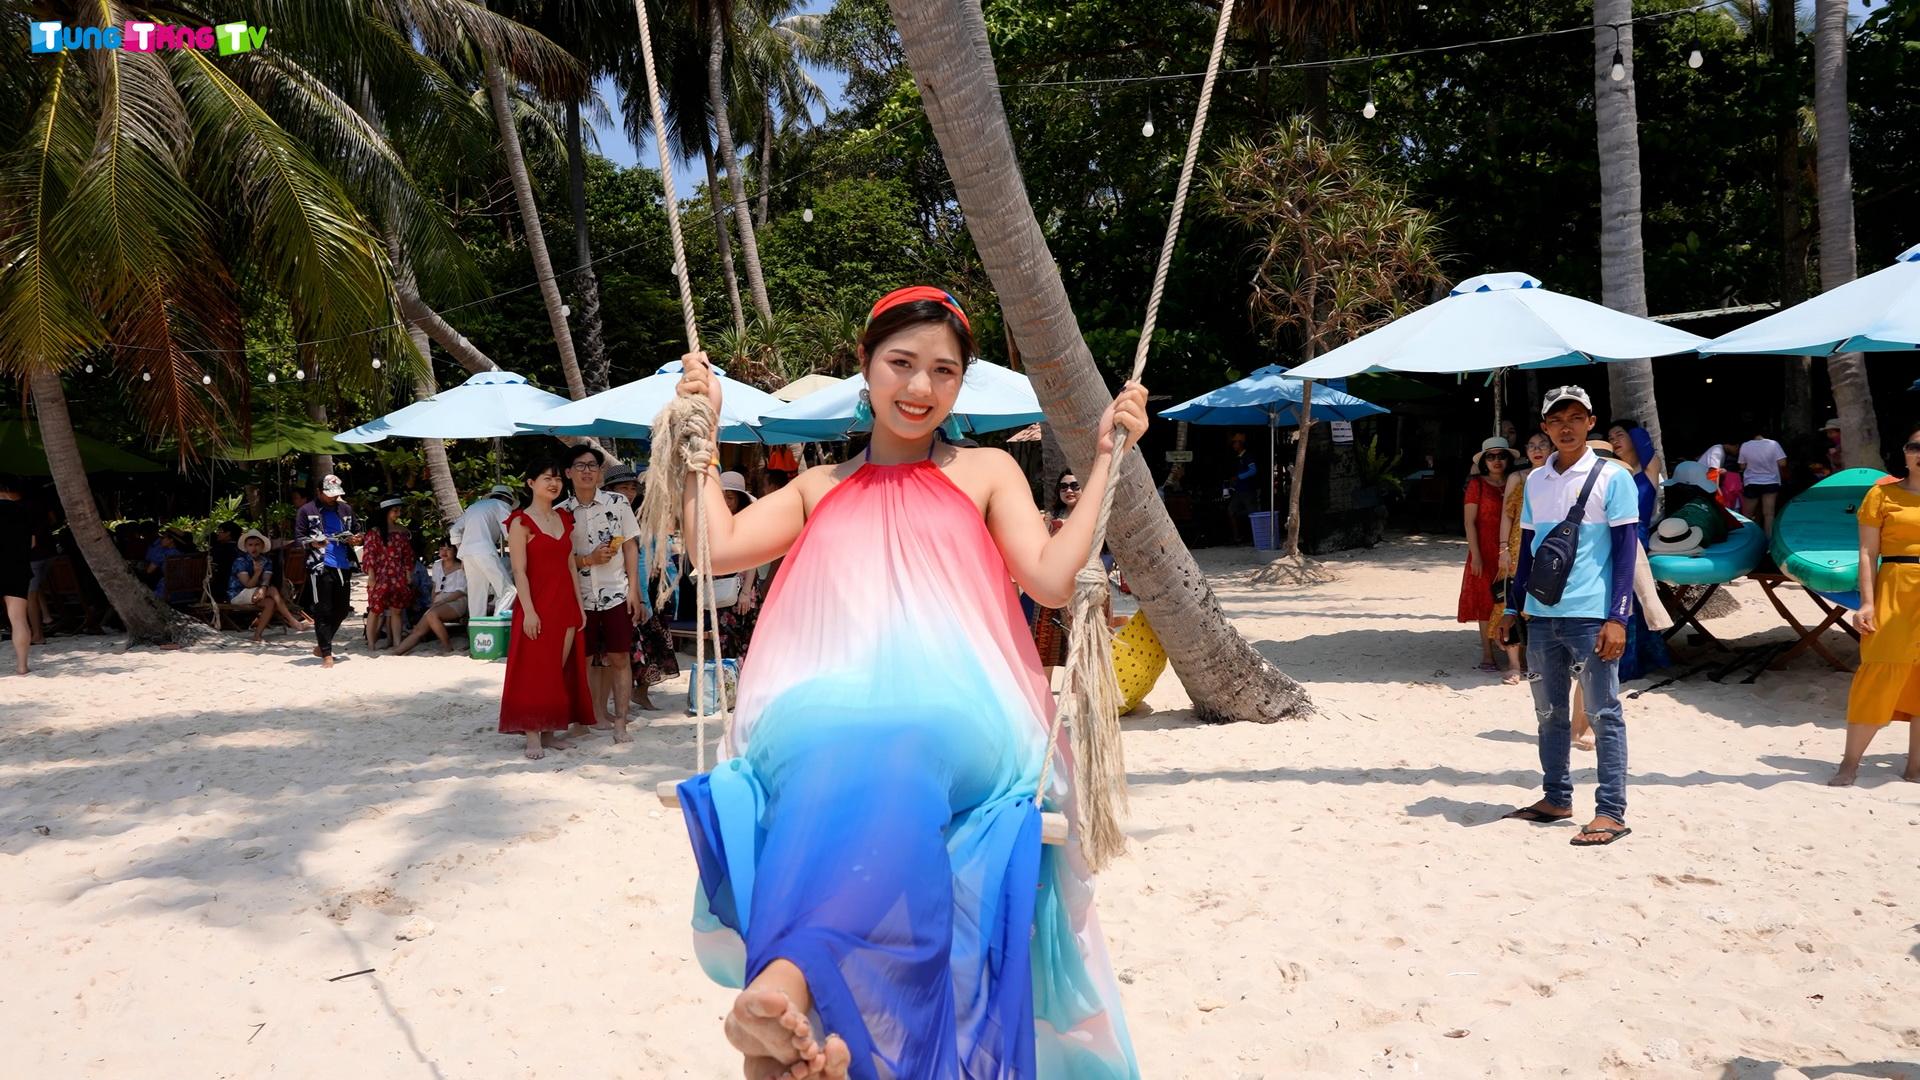 Khám phá Tour Cano 4 Đảo Phú Quốc và Lặn ngắm San hô